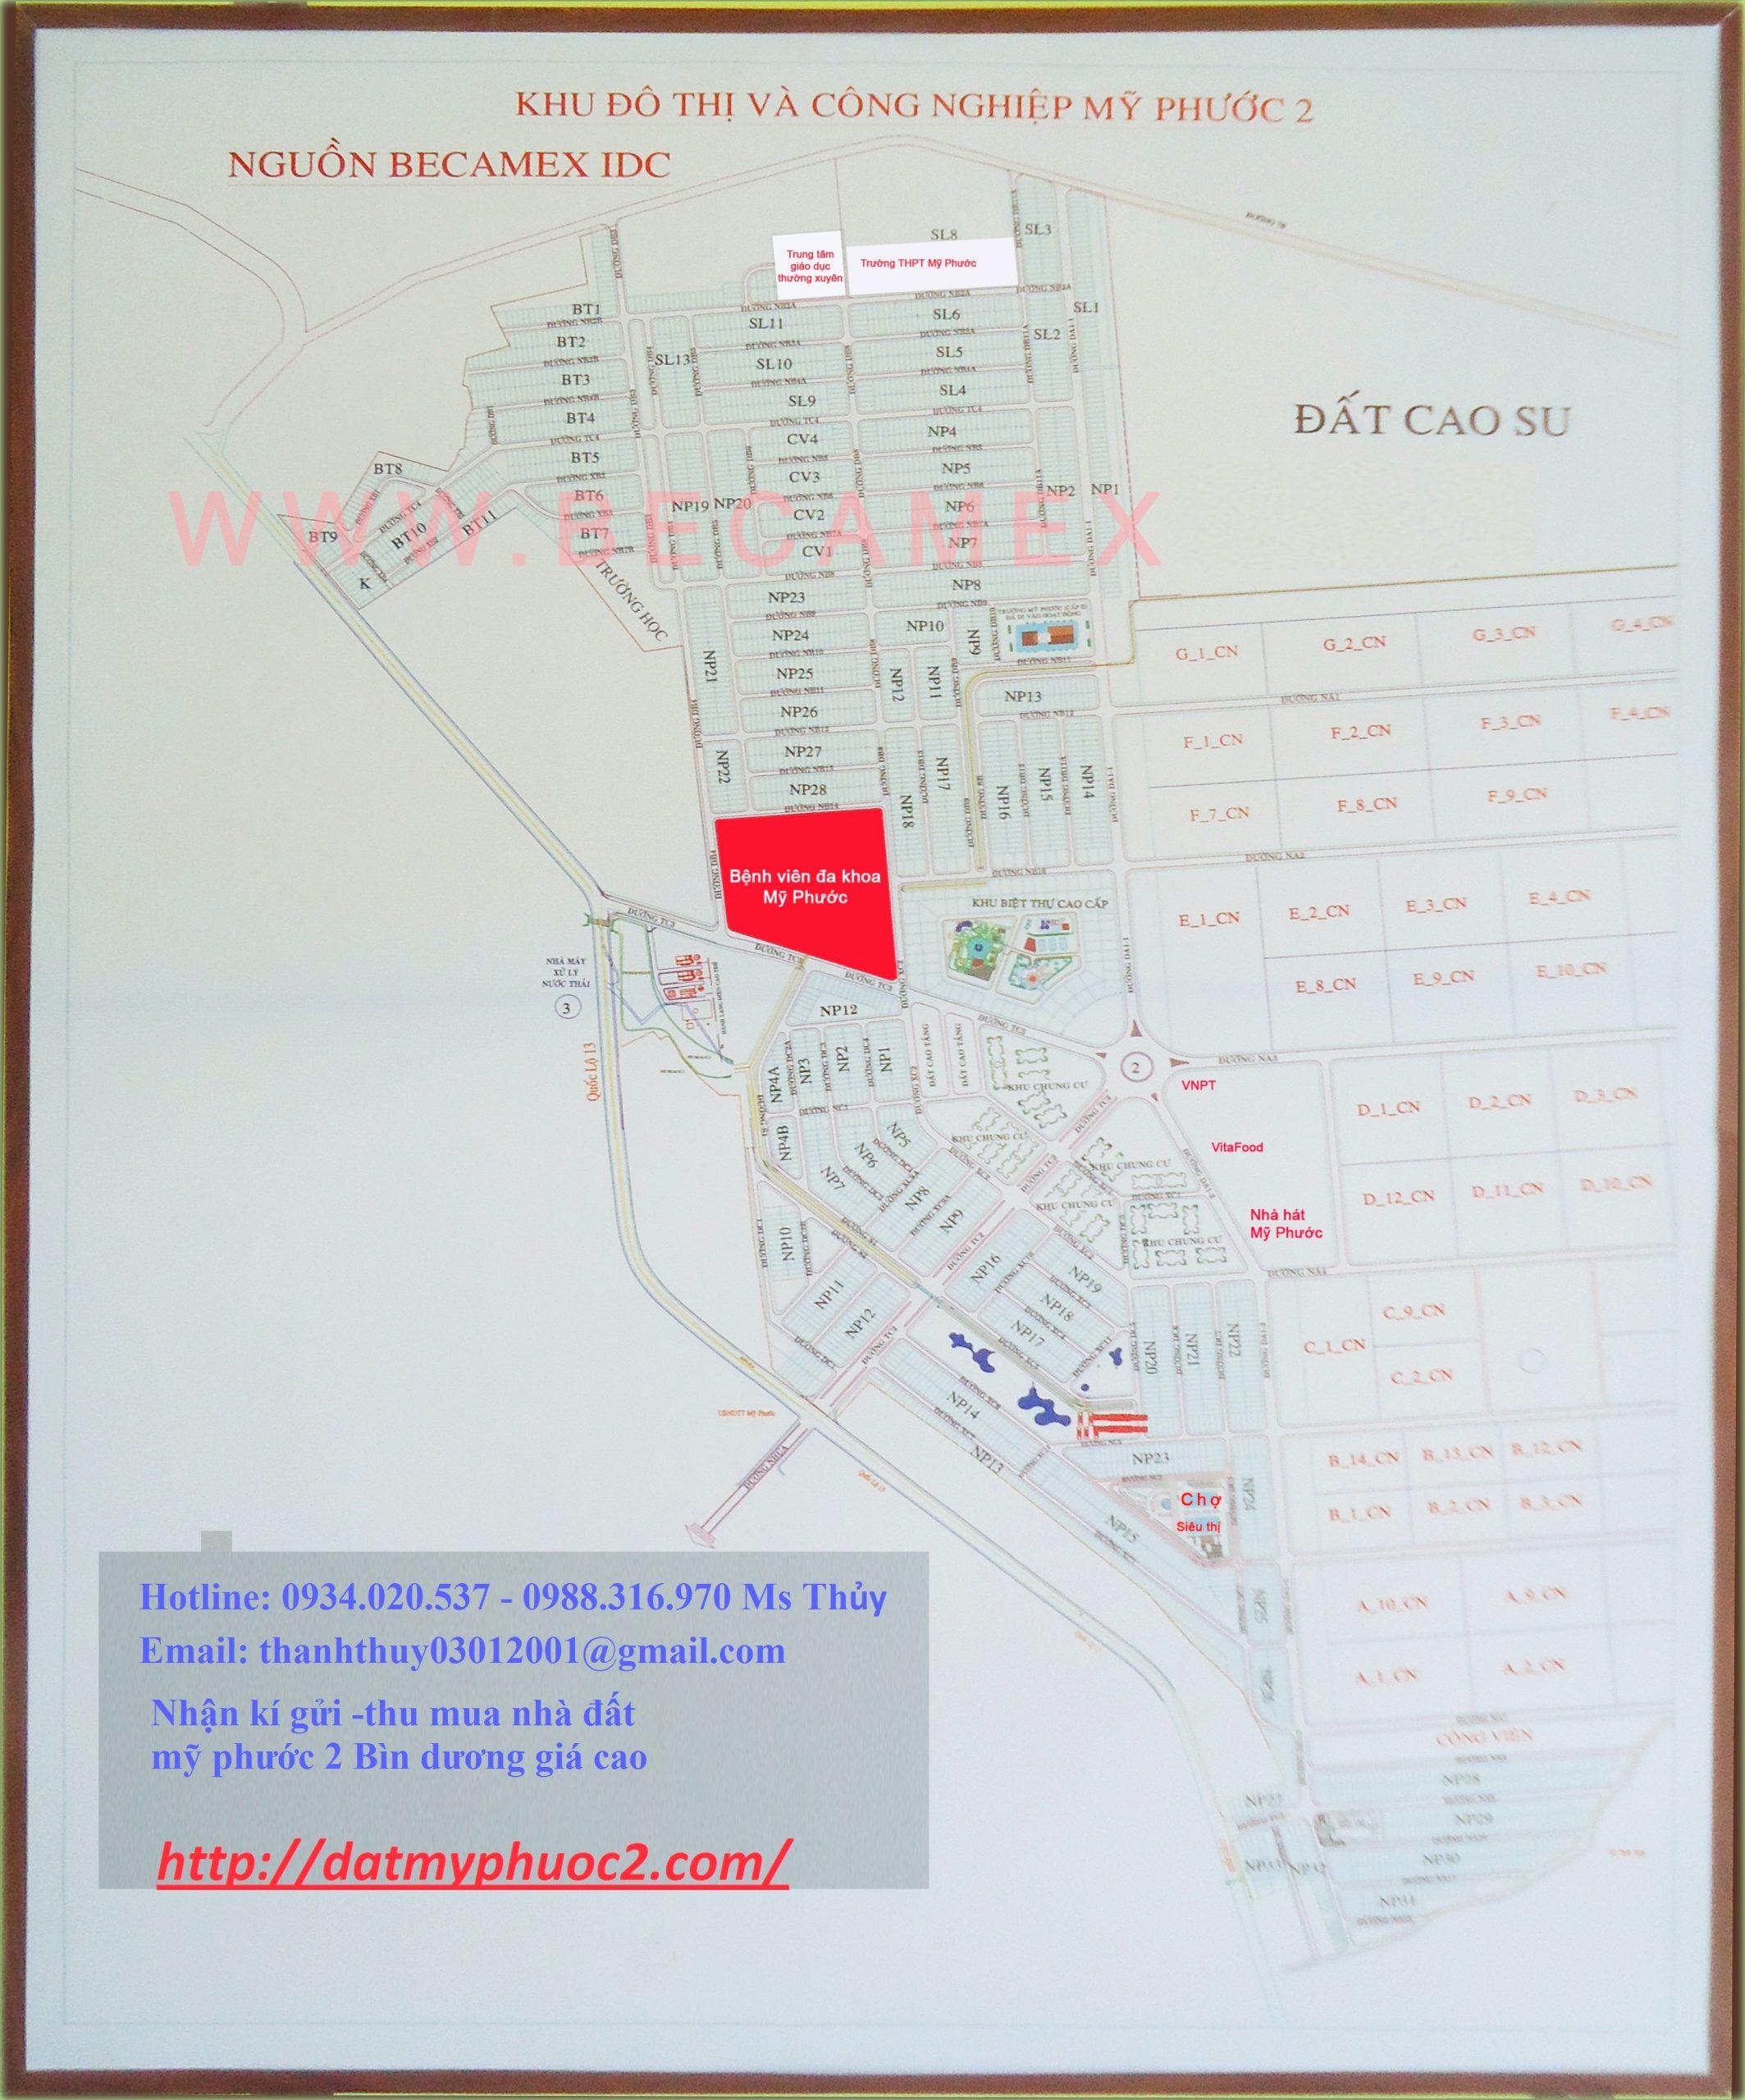 Bản đồ mỹ phước 2 Bình Dương scaled Bản đồ mỹ phước 2 Bình Dương MỚI, chi tiết , rõ ràng !